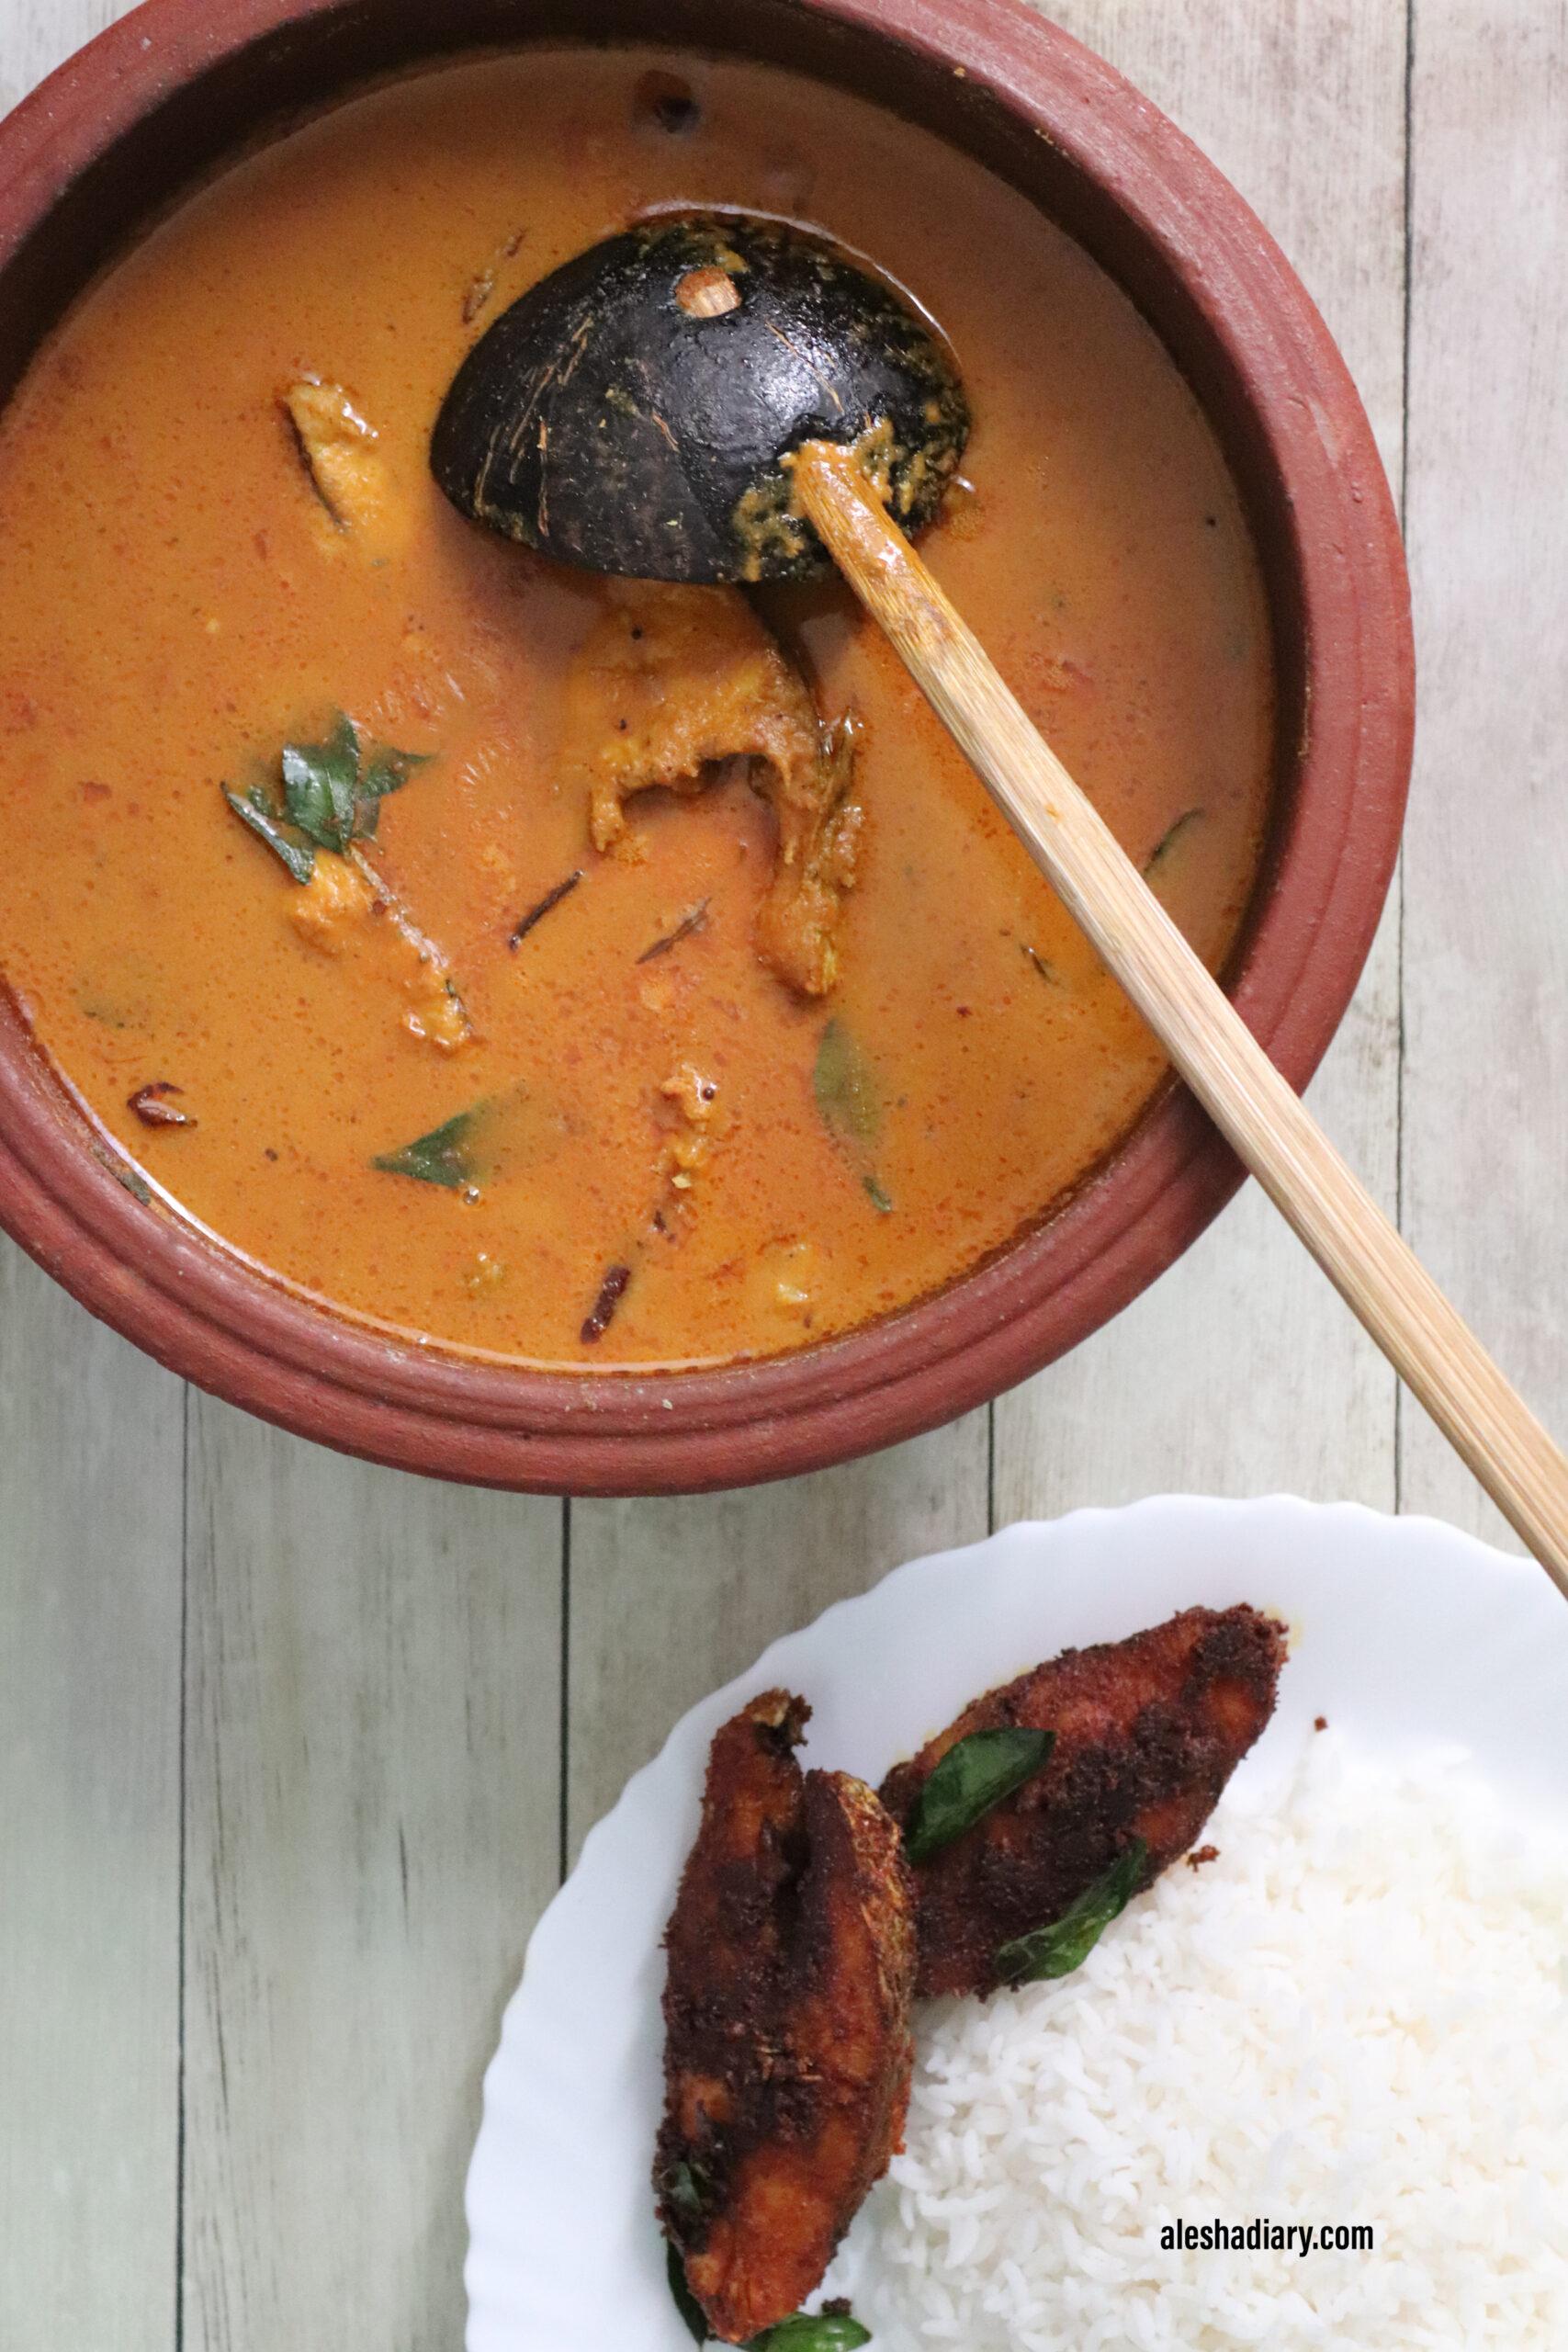 Chettinad Fish Curry – Chettinad meen kuzhambu